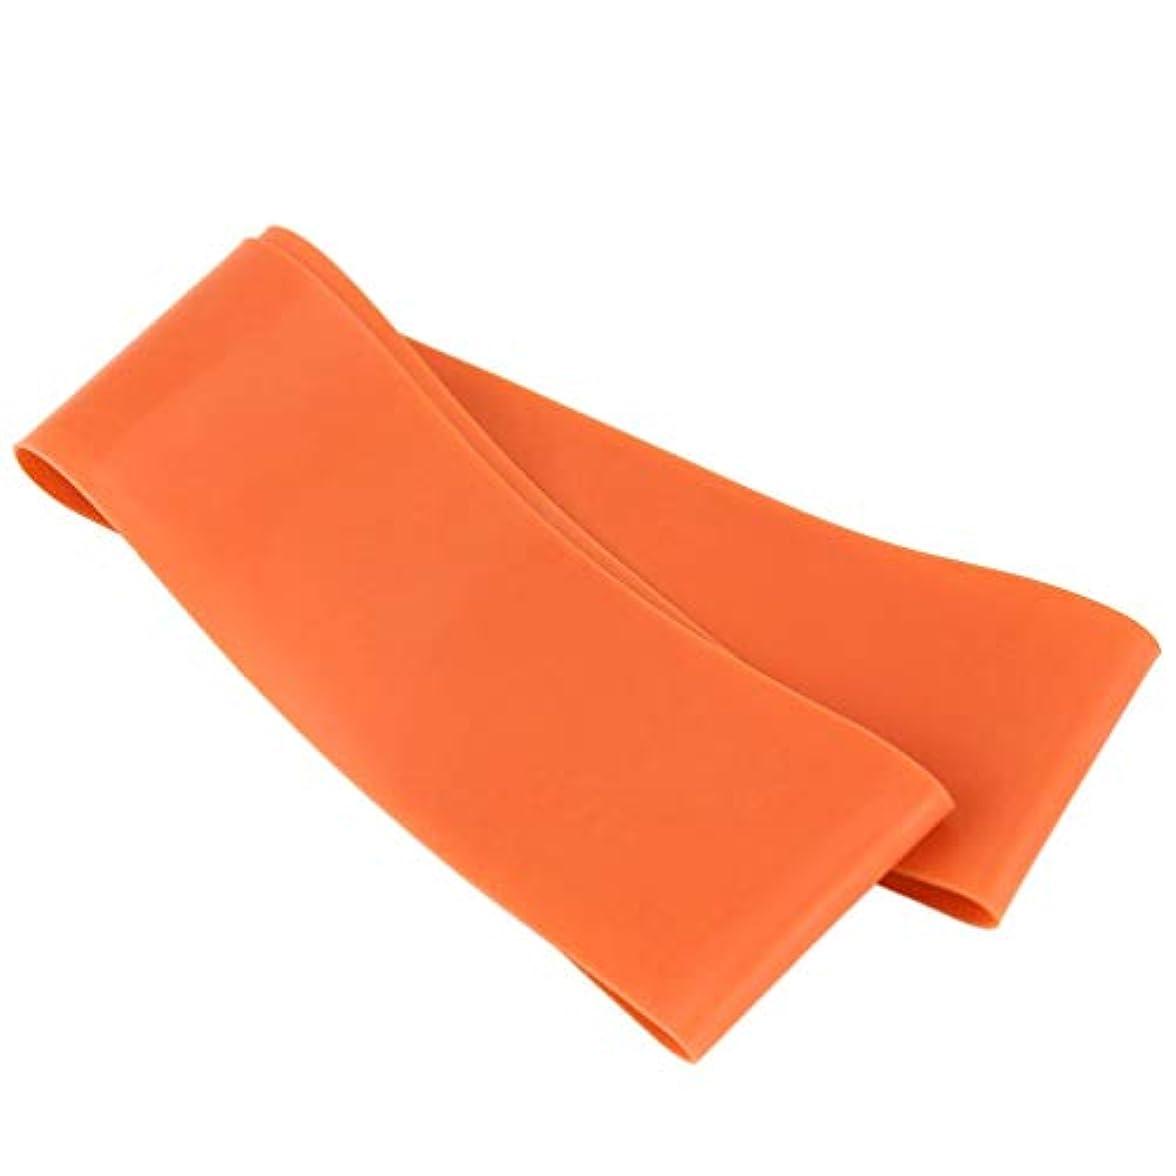 言語不運満足させる滑り止めの伸縮性のあるゴム製伸縮性がある伸縮性があるヨガベルトバンド引きロープの張力抵抗バンドループ強度のためのフィットネスヨガツール - オレンジ